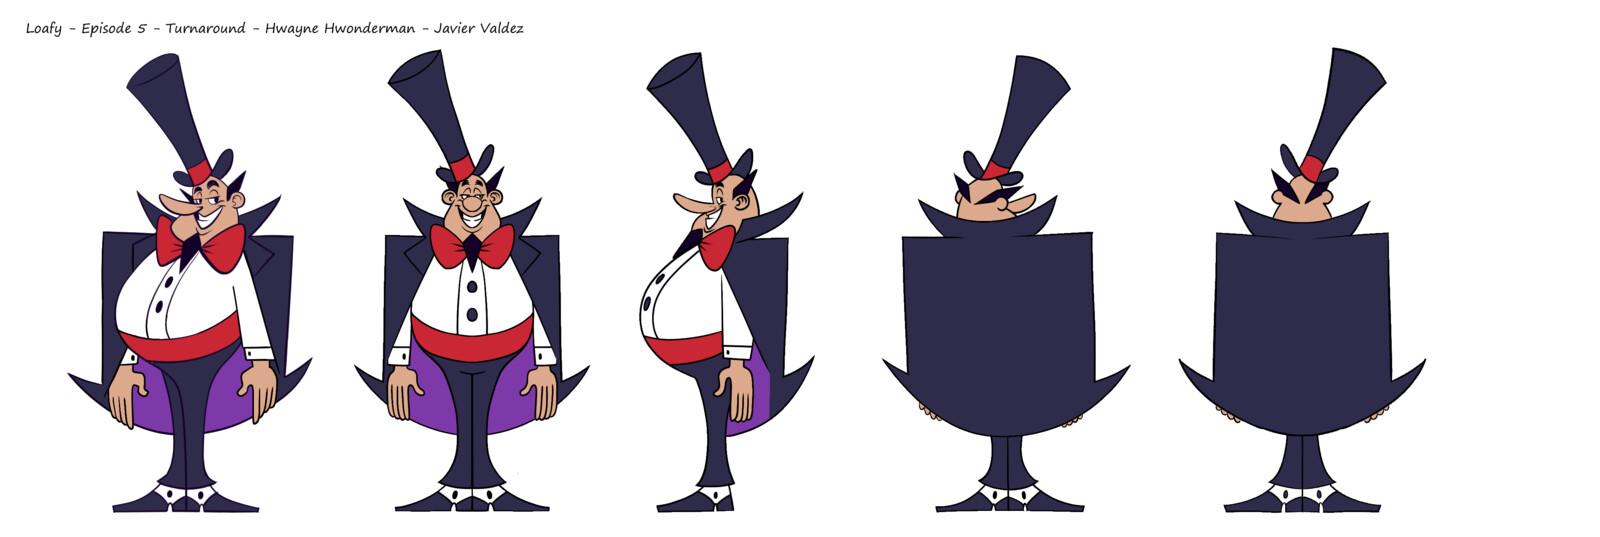 Hypnotist Hwayne, voiced by Taran Killam